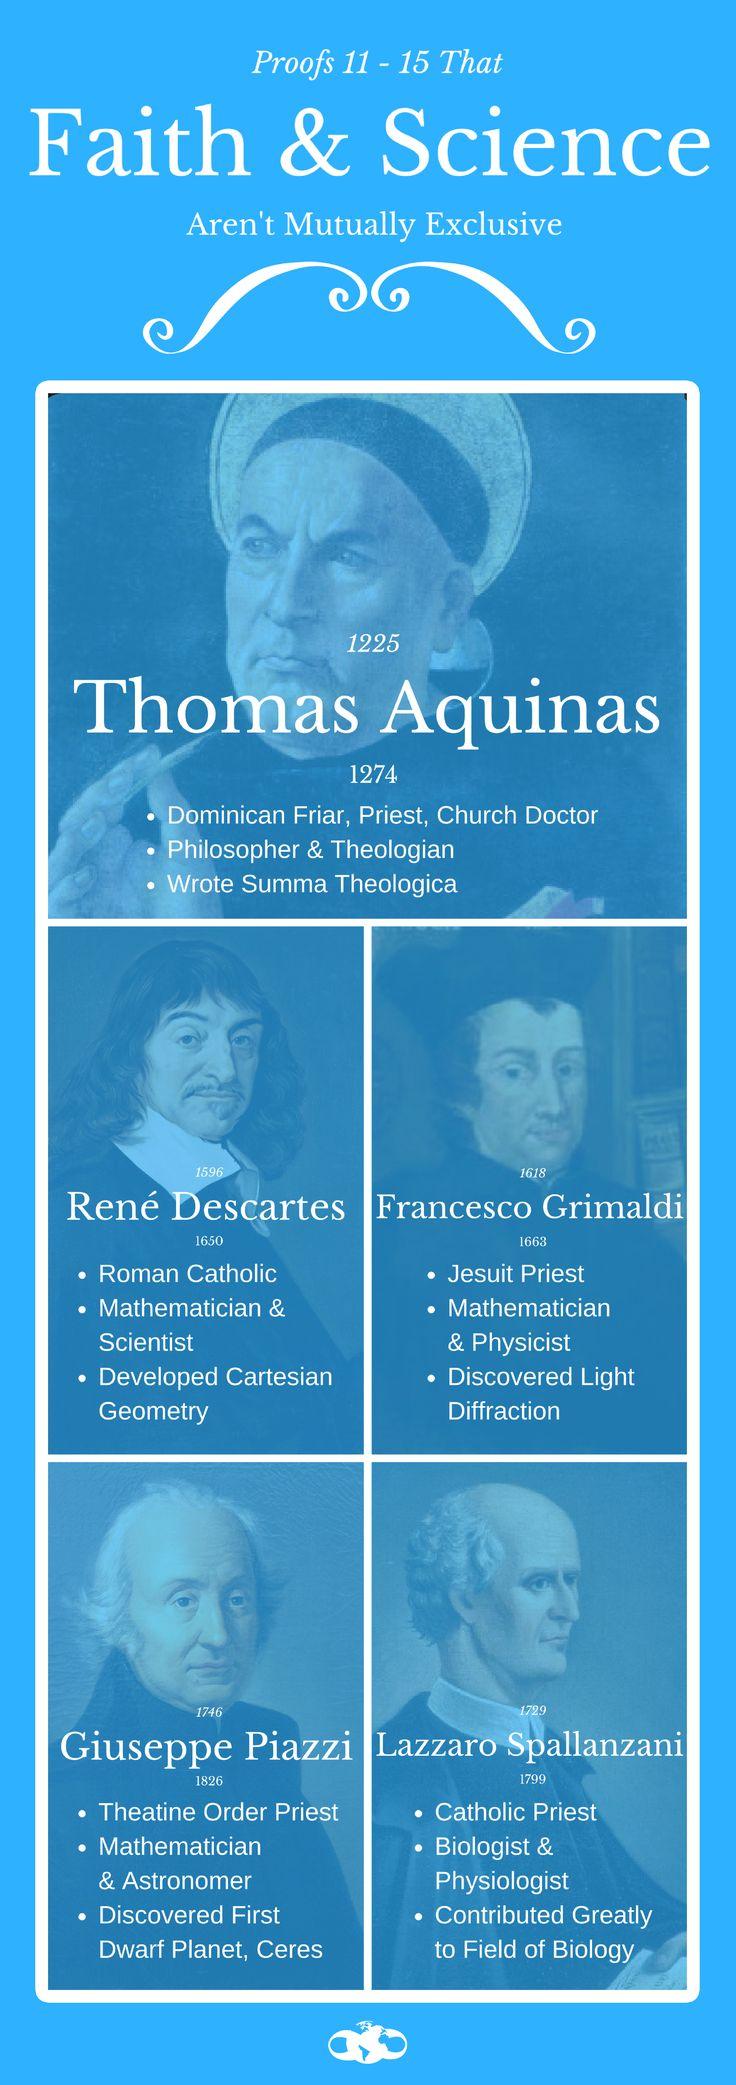 Faith & Science Infographic Series #11-16. Thomas Aquinas, René Descartes, Francesco Grimaldi, Giuseppe Piazzi, Lazzaro Spallanzani.